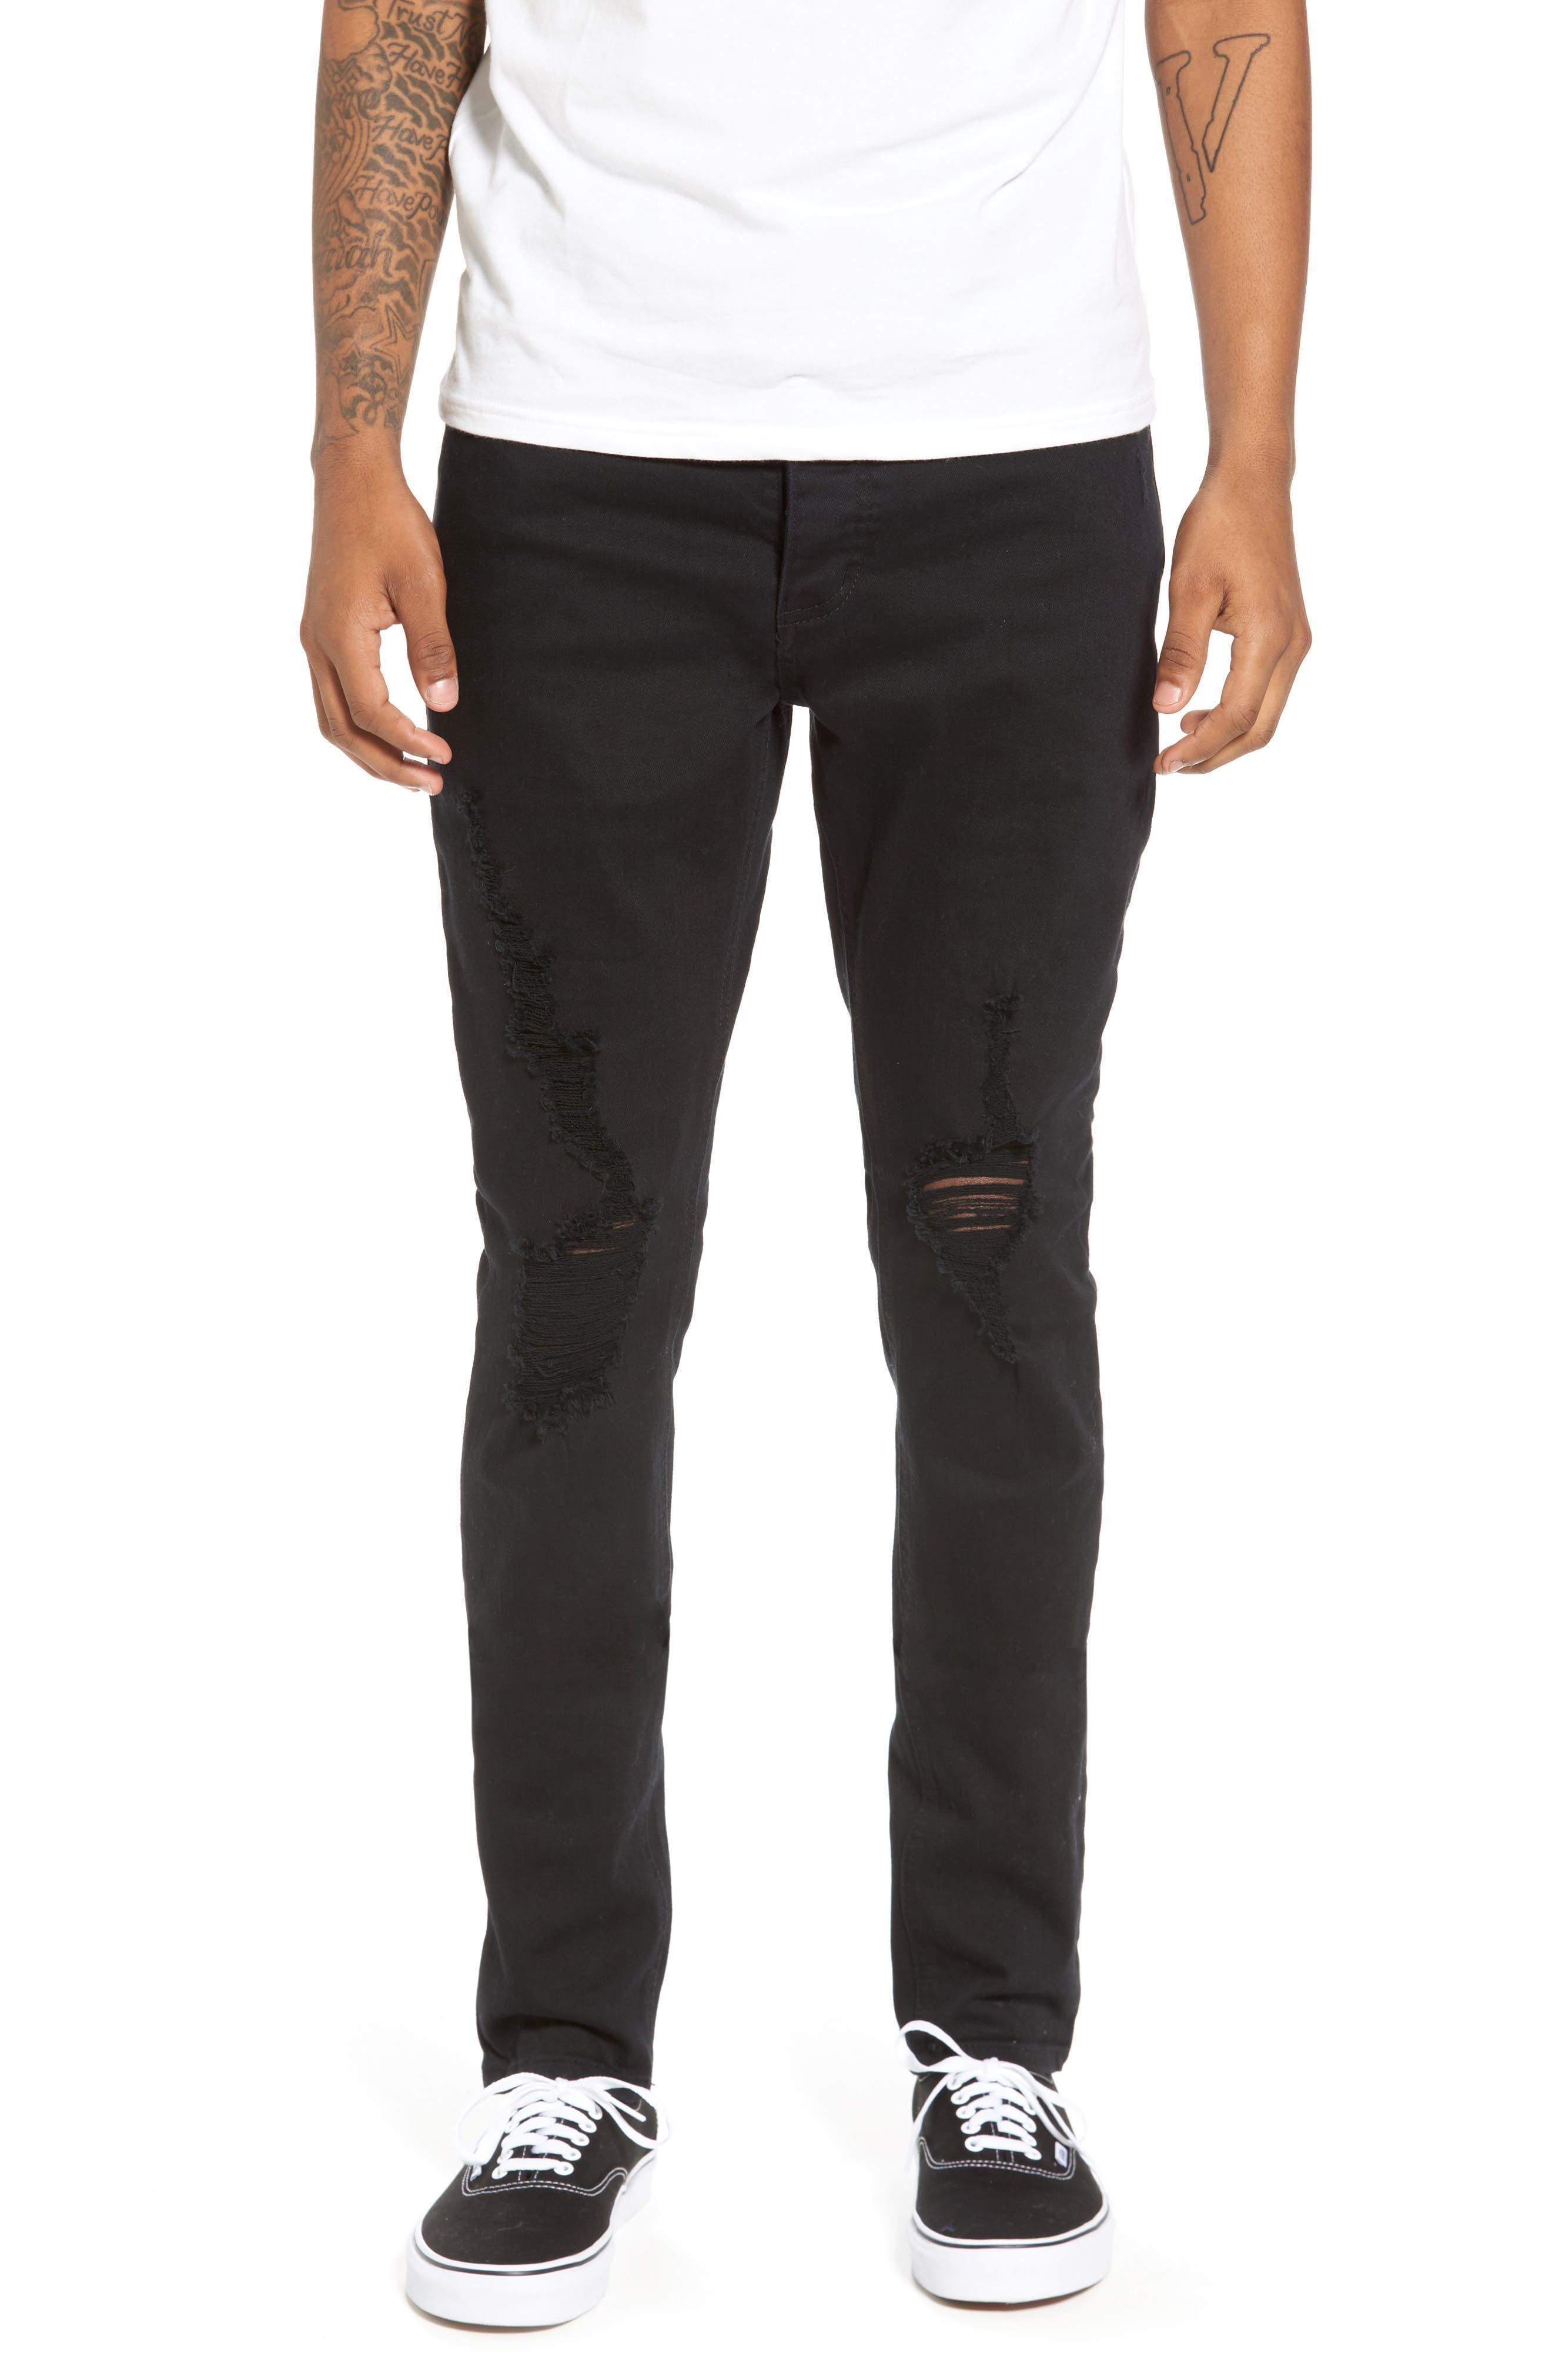 Joe Blow Destroyed Denim Jeans,                         Main,                         color, Black Shred